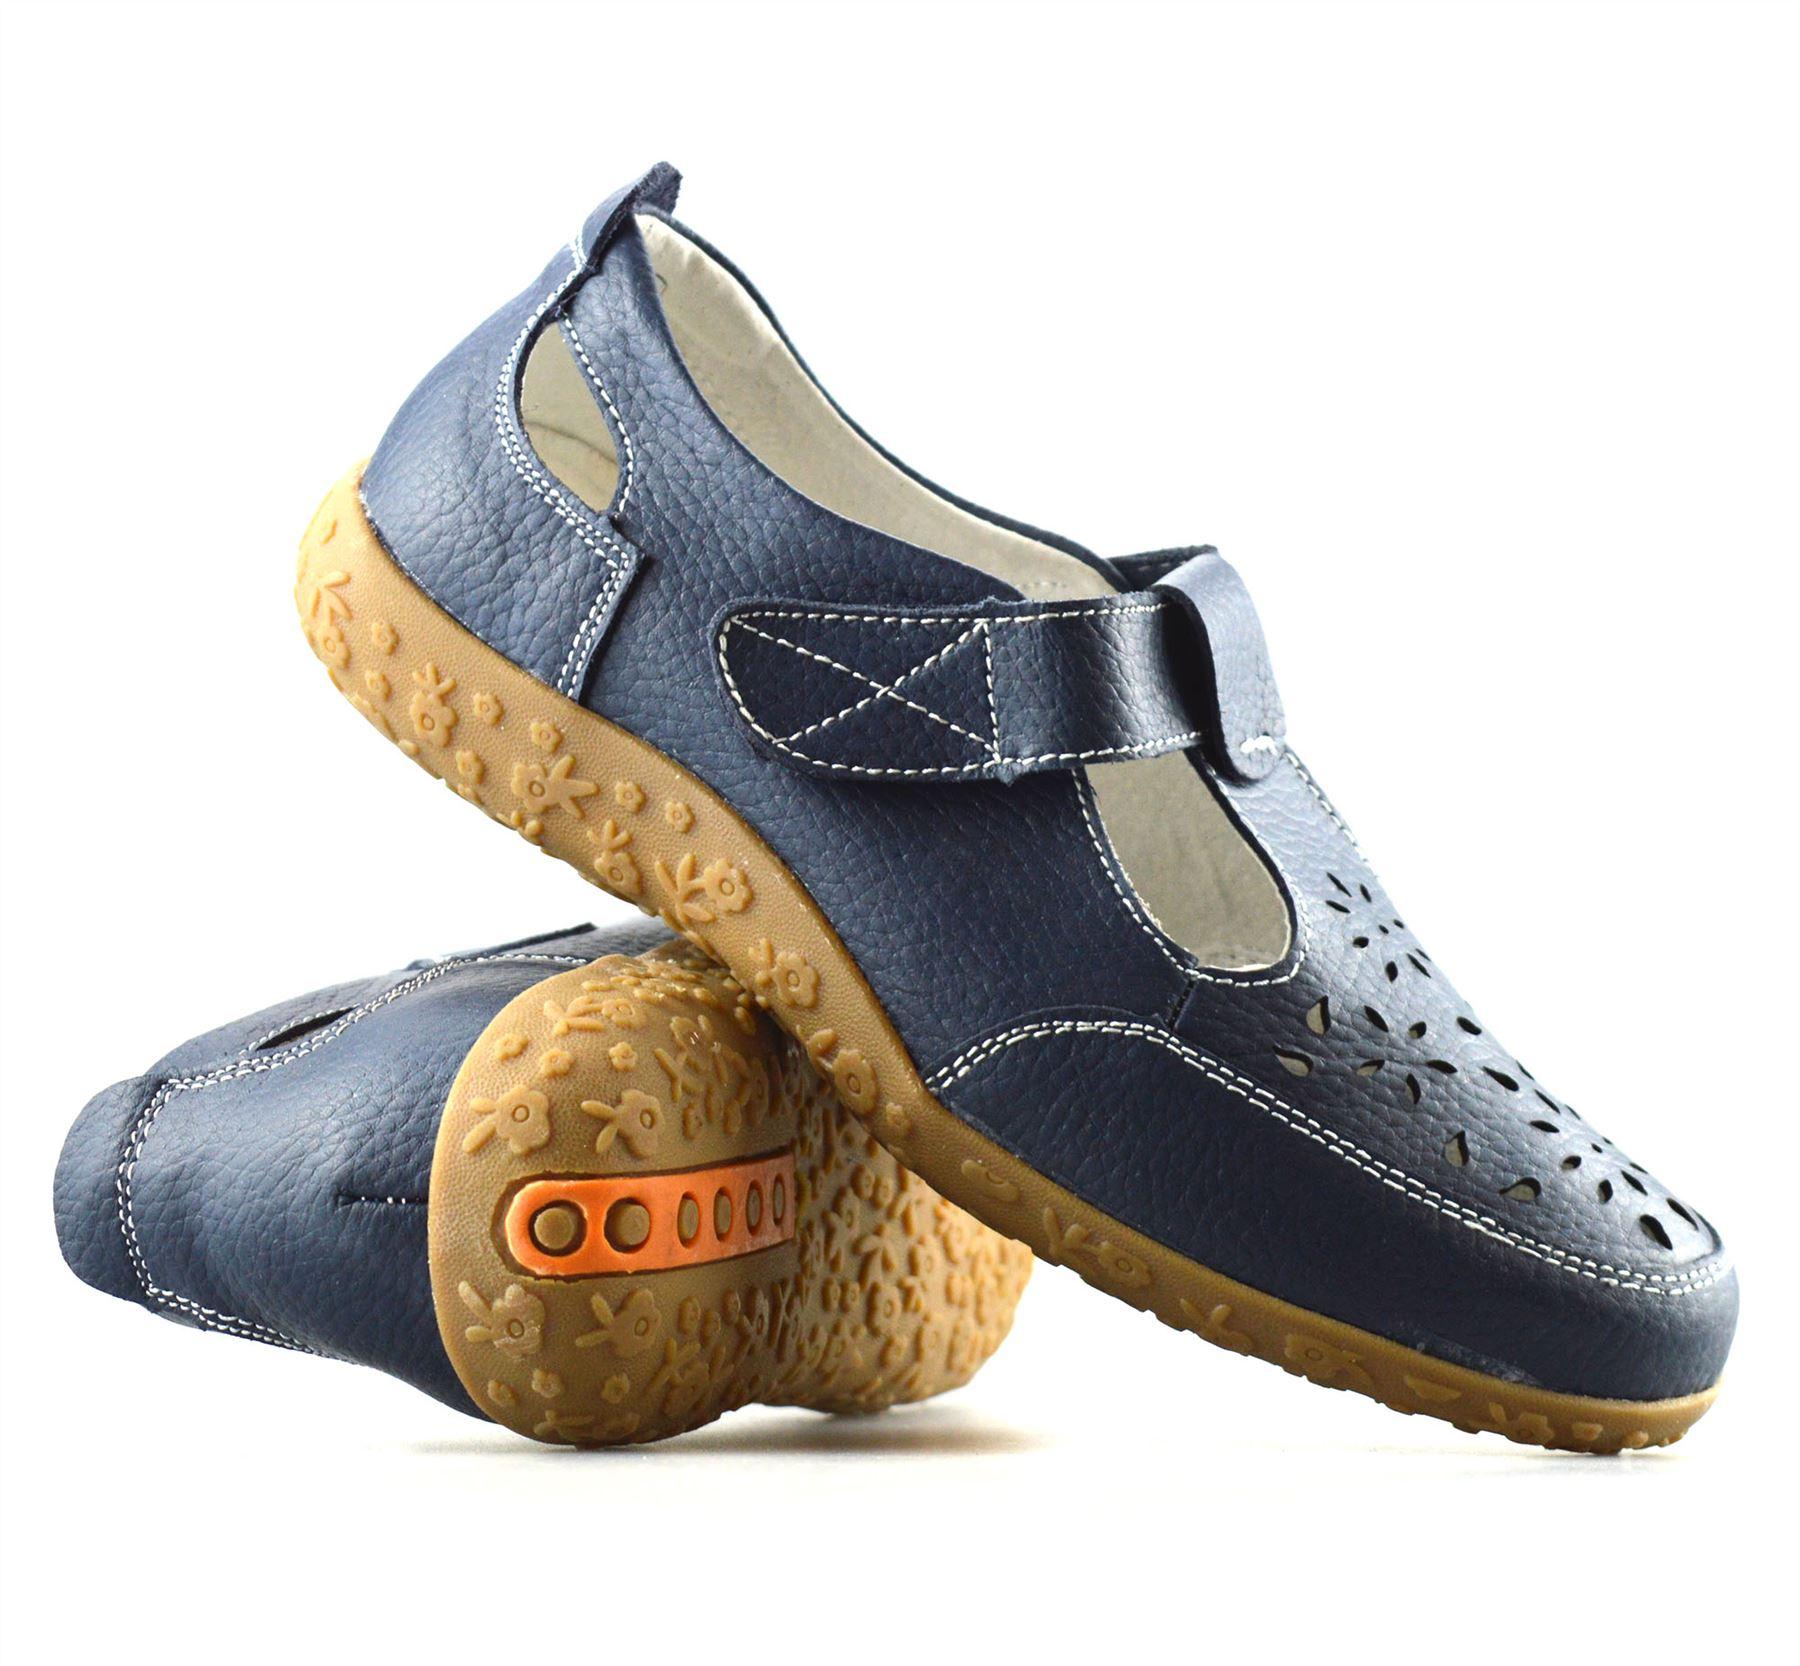 Eee Ladies Leather Shoes Amazon